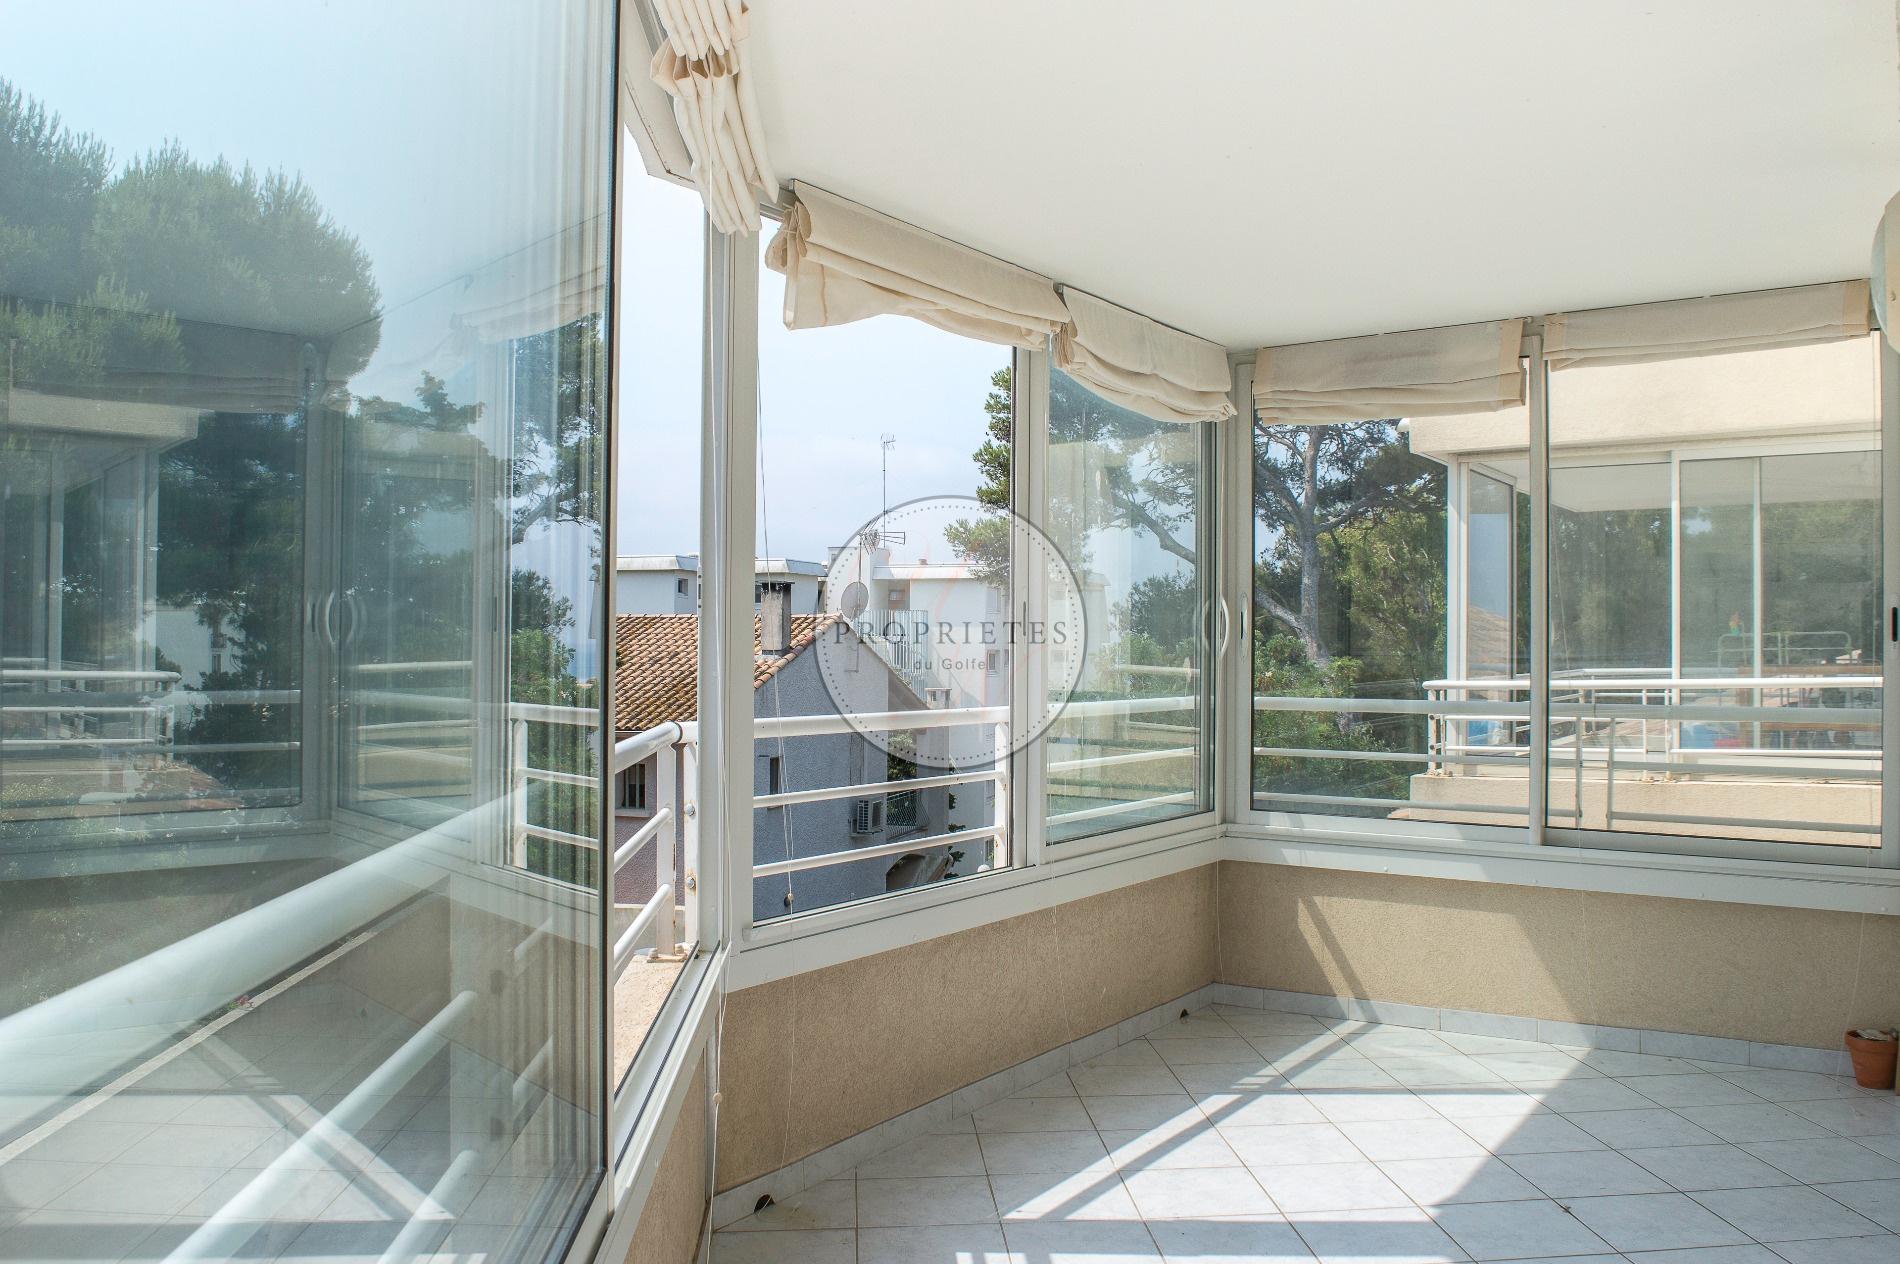 vente bas saint clair sud appartement t2 avec loggia proche des plages propri t s du golfe. Black Bedroom Furniture Sets. Home Design Ideas